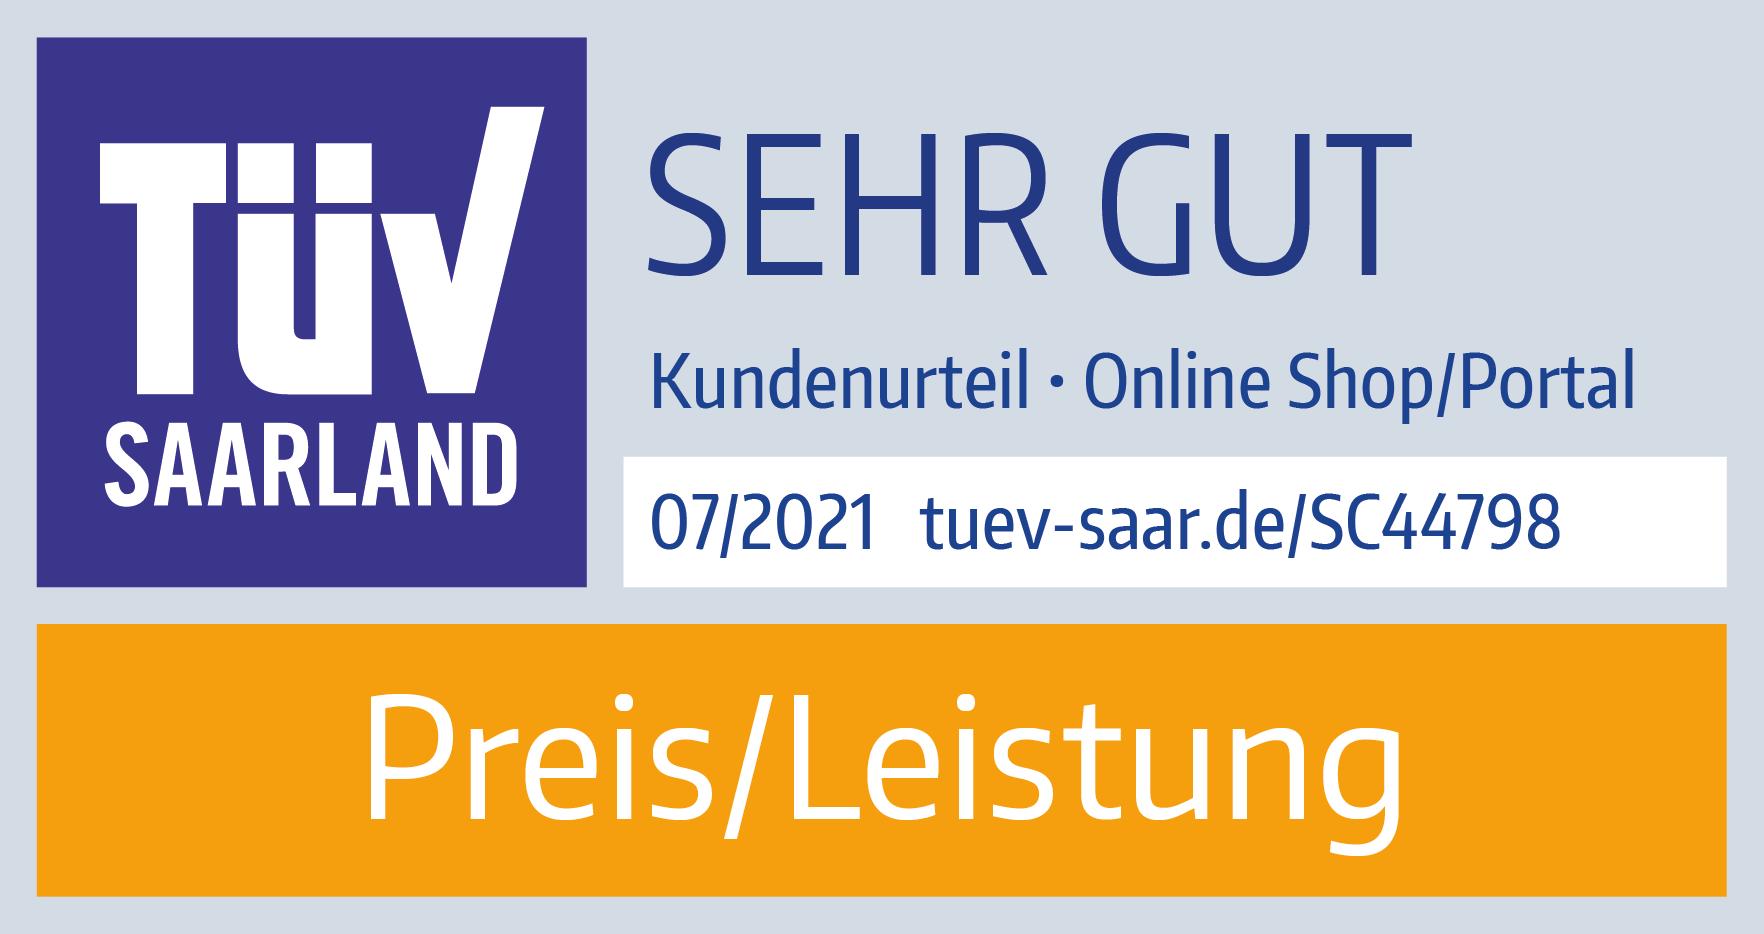 TÜV Saarland - Geprüfte Kundenzufriedenheit 2021